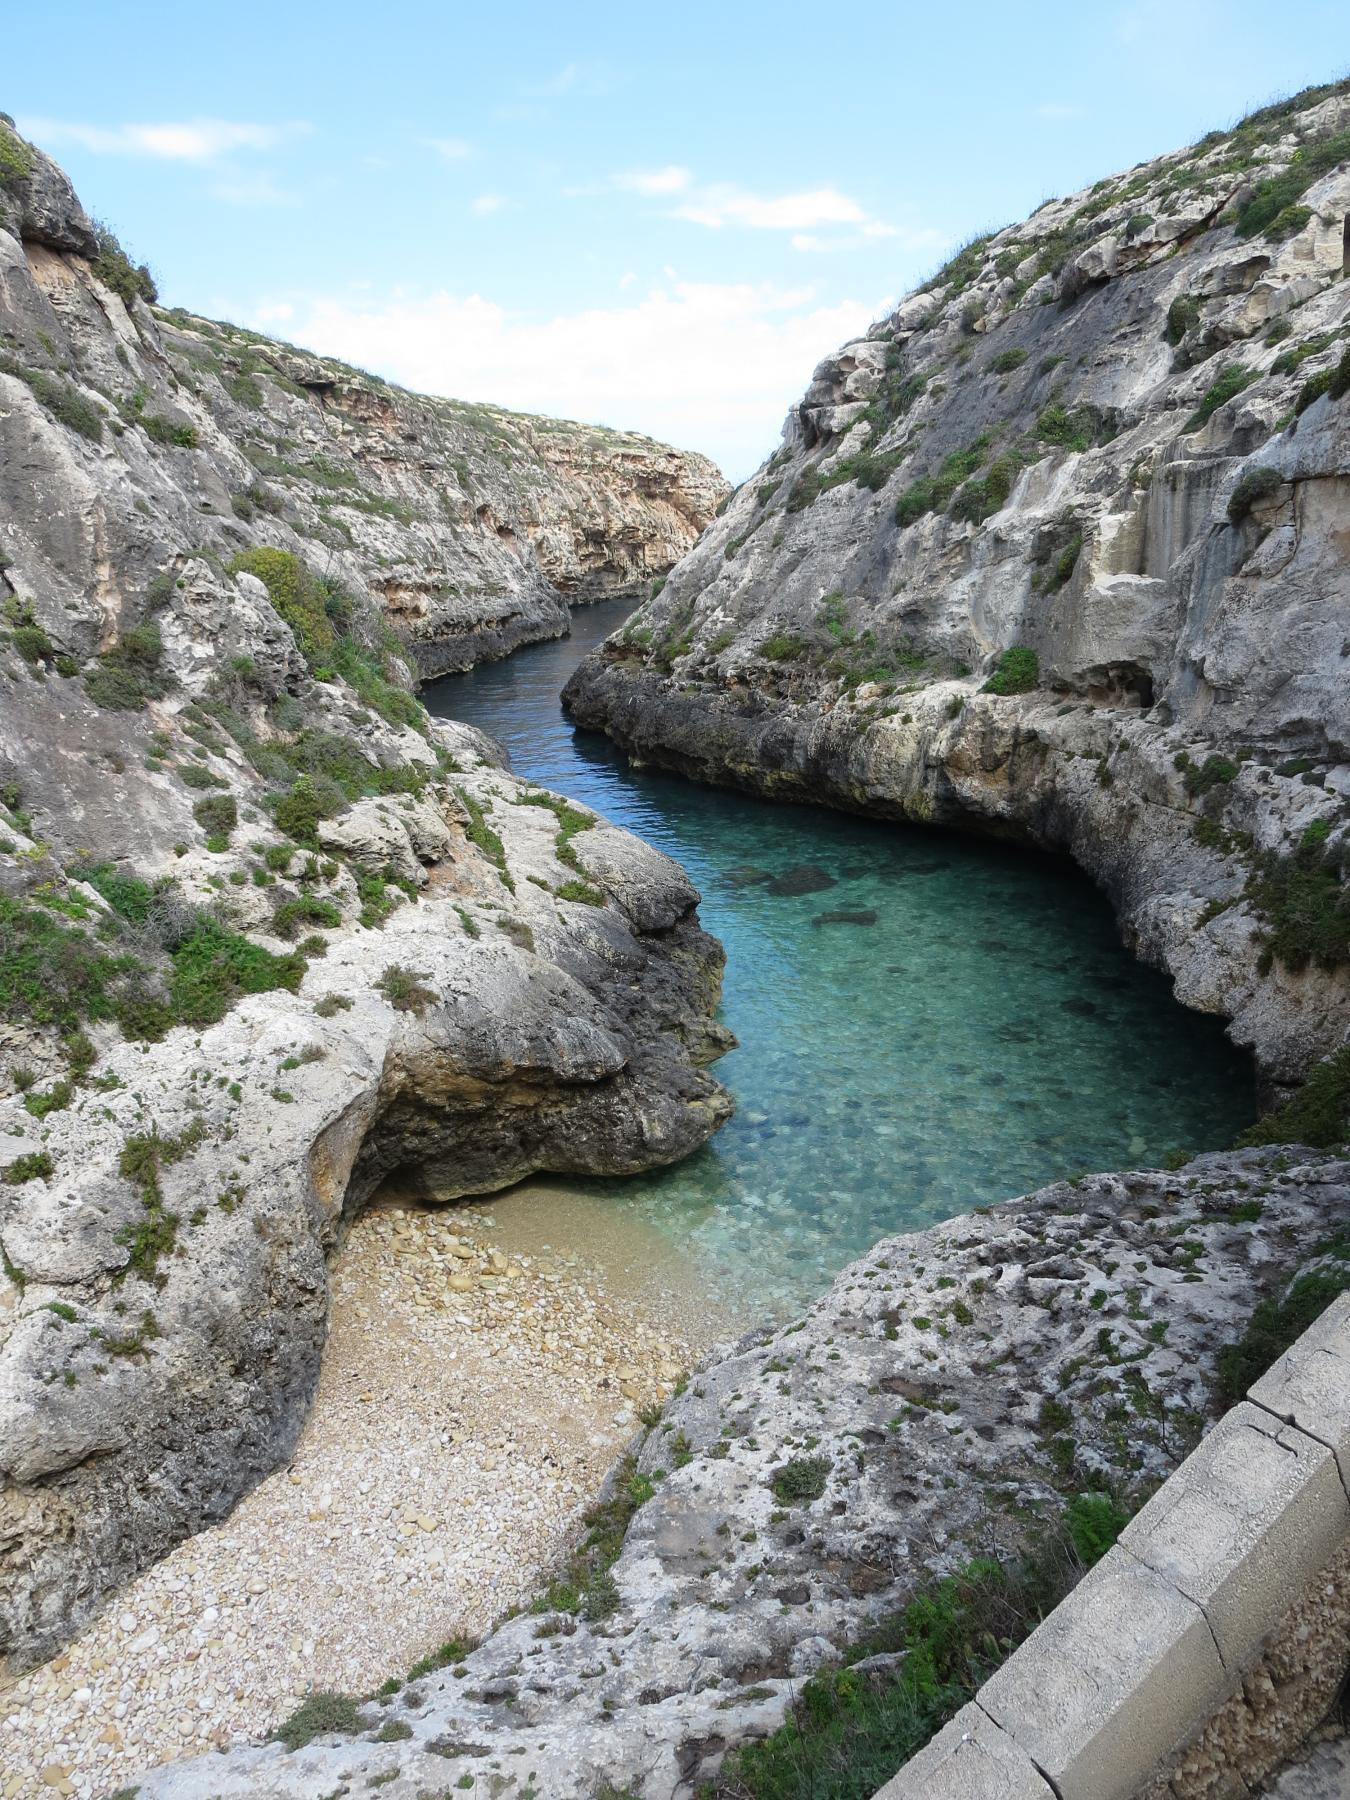 Entrance from Wied Il-Għasri